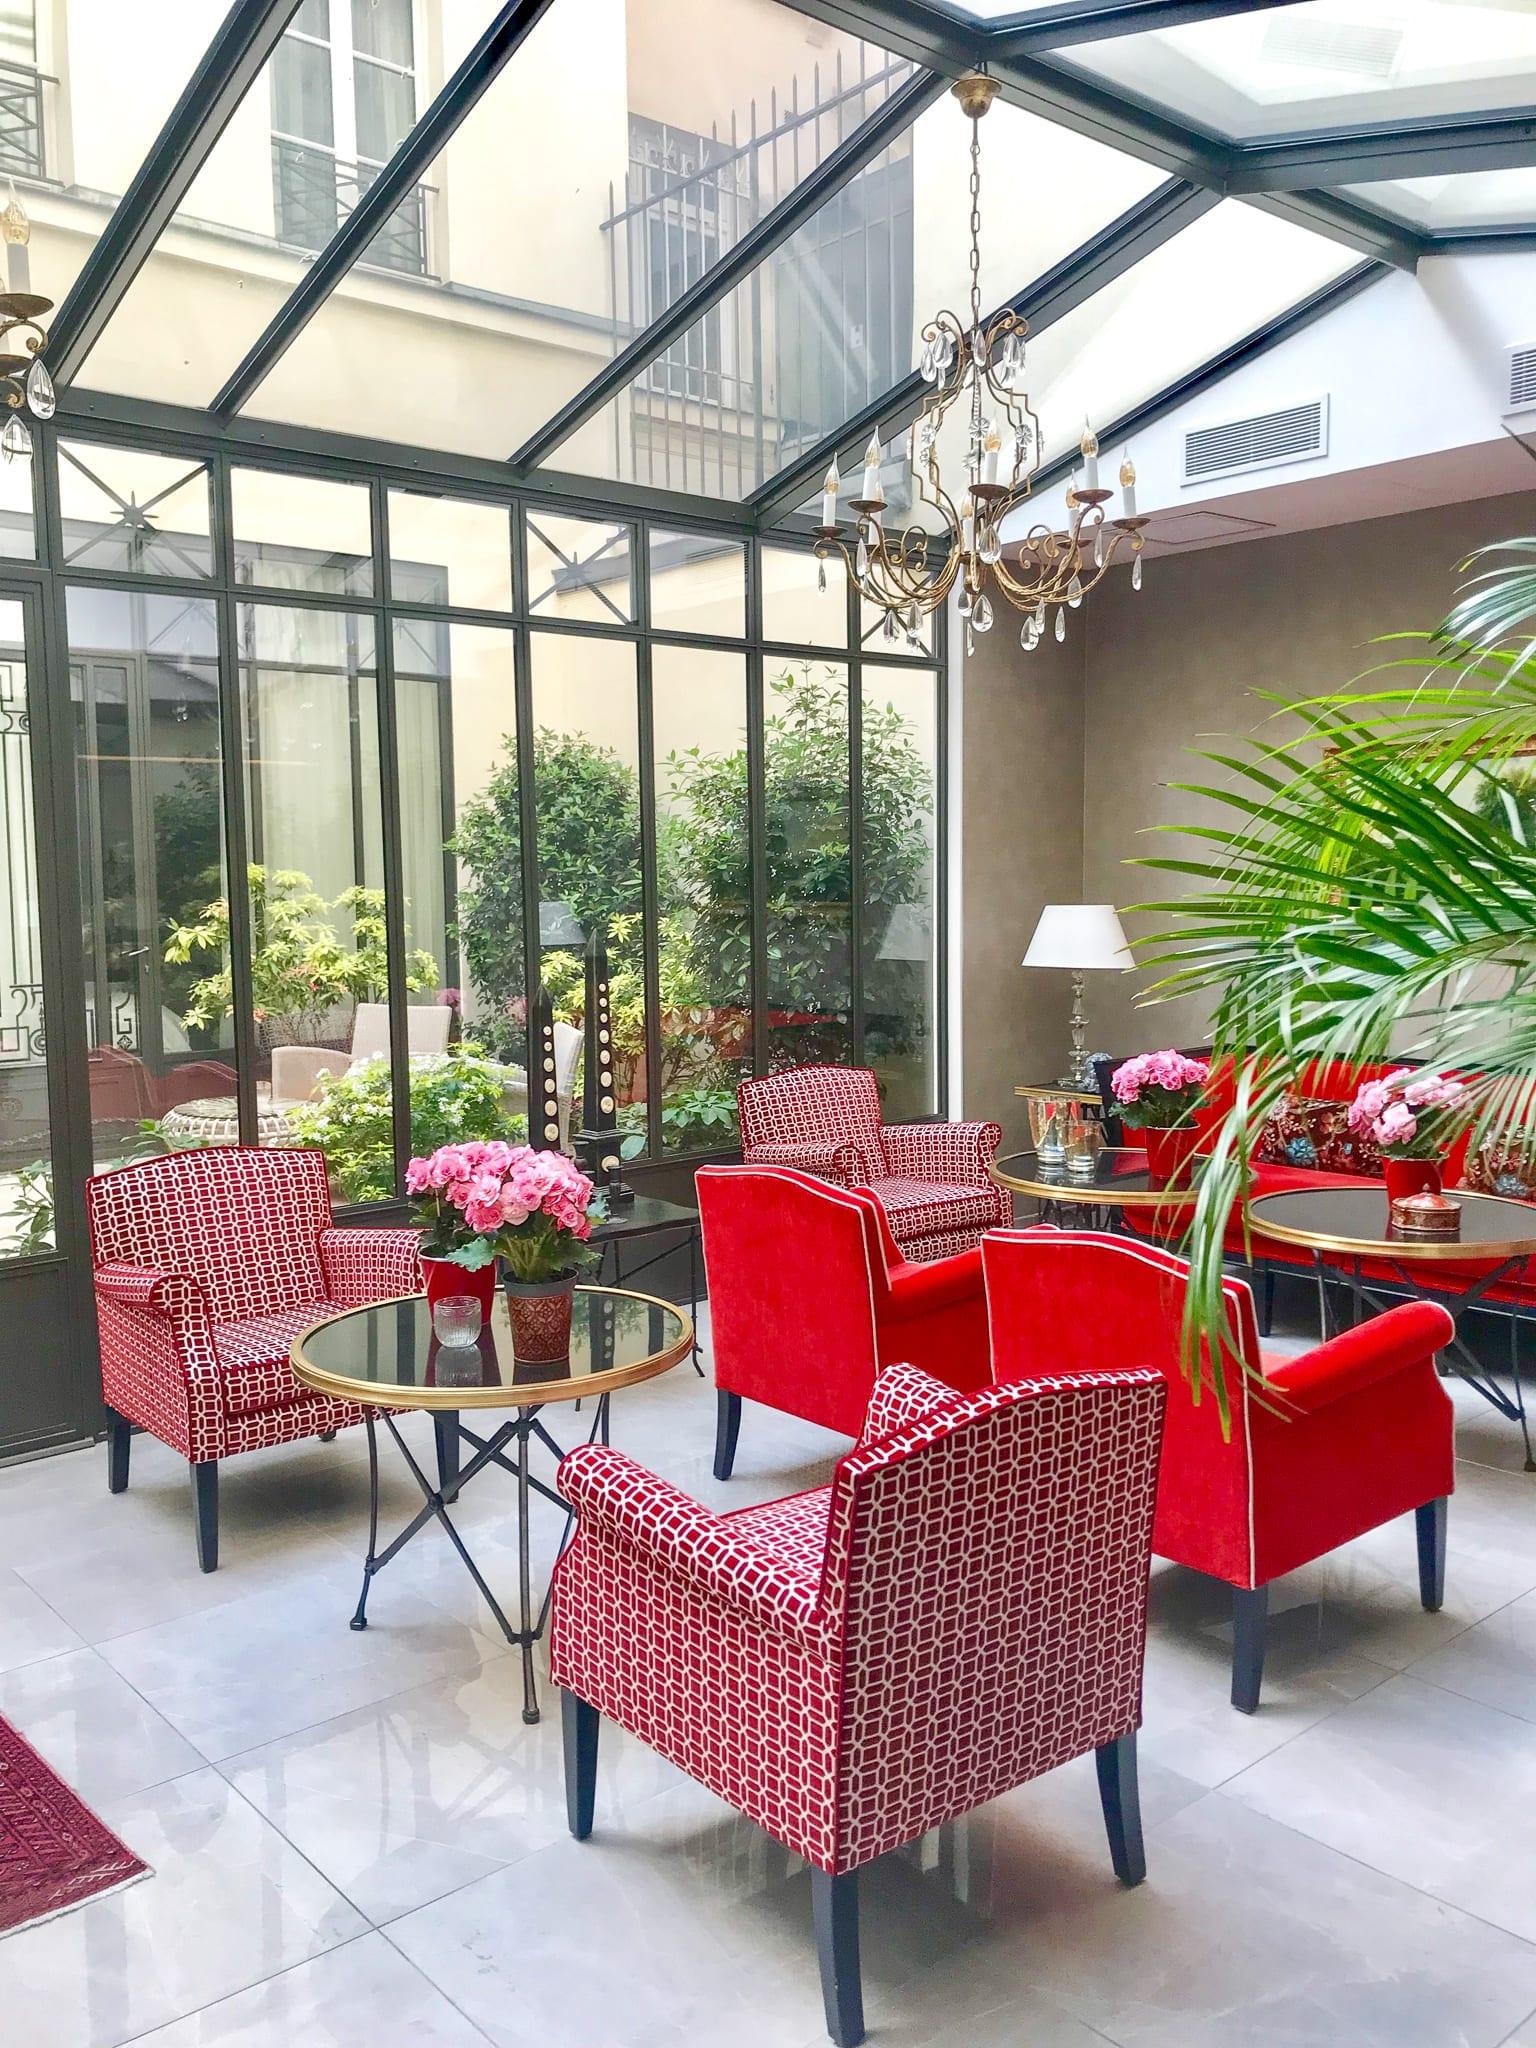 My Home in Paris interior